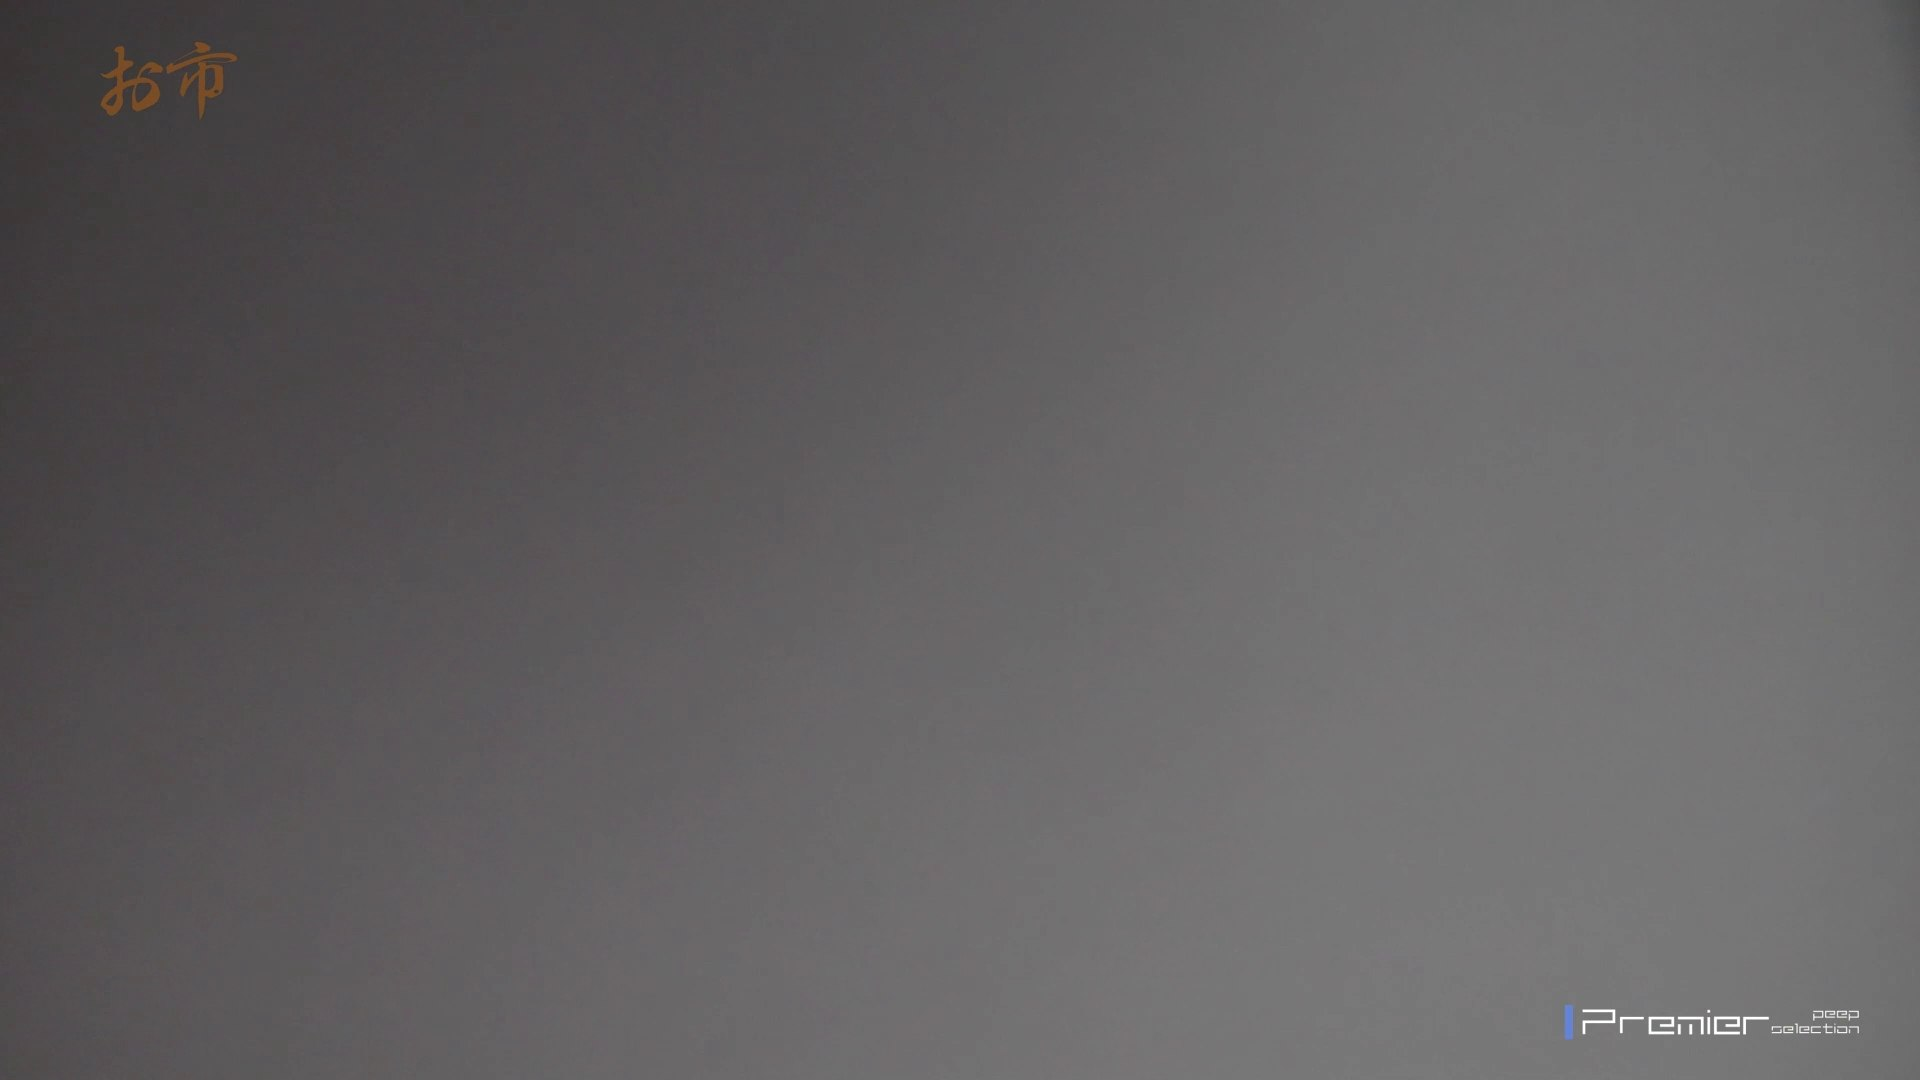 潜入!!台湾名門女学院 Vol.14 ラストコンテンツ!! エロくん潜入 ぱこり動画紹介 86連発 7